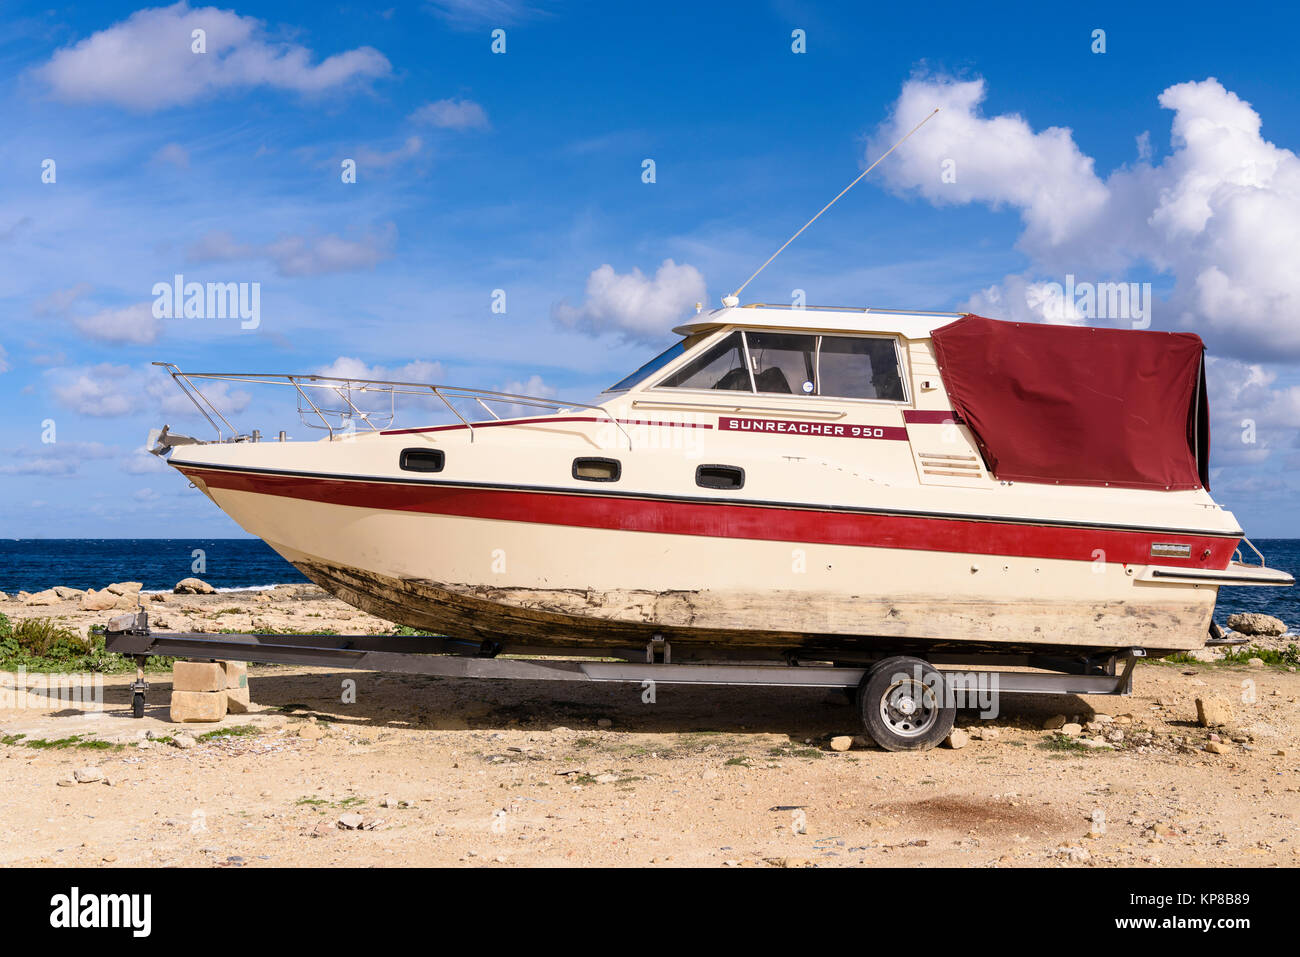 Vecchio Sunreacher 950 cabinato su un rimorchio parcheggiato a una costa rocciosa. Immagini Stock